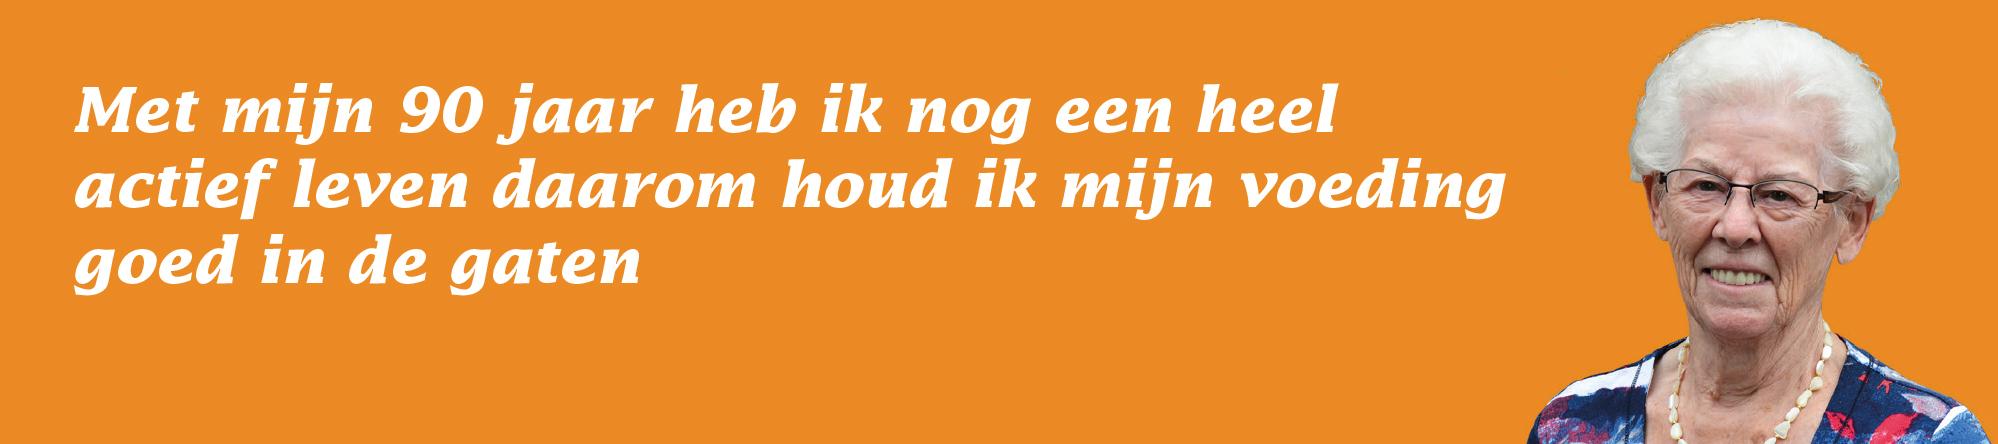 http://de-dietist.nl/wp-content/uploads/2016/09/de-dietist-quote-oma.jpg